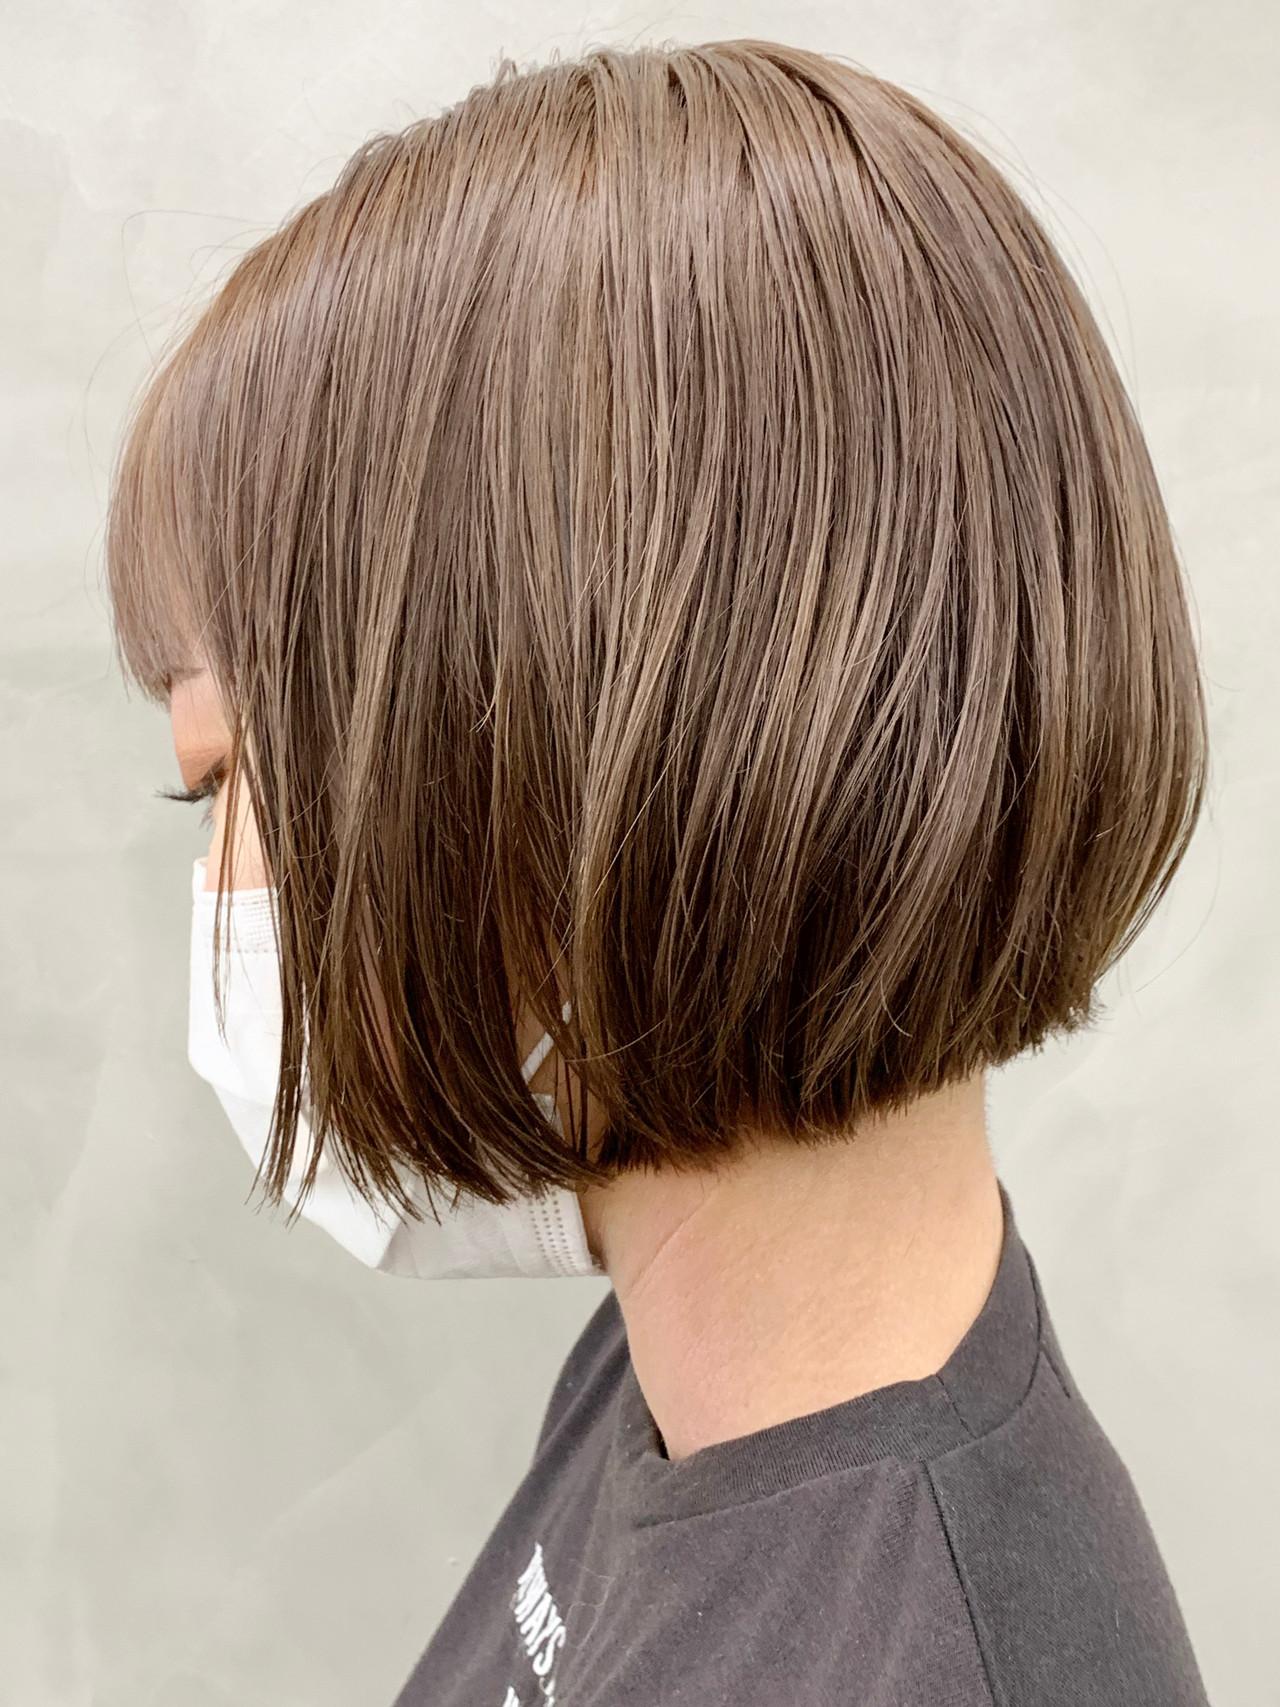 ミニボブ ショート モテボブ ショコラブラウンヘアスタイルや髪型の写真・画像